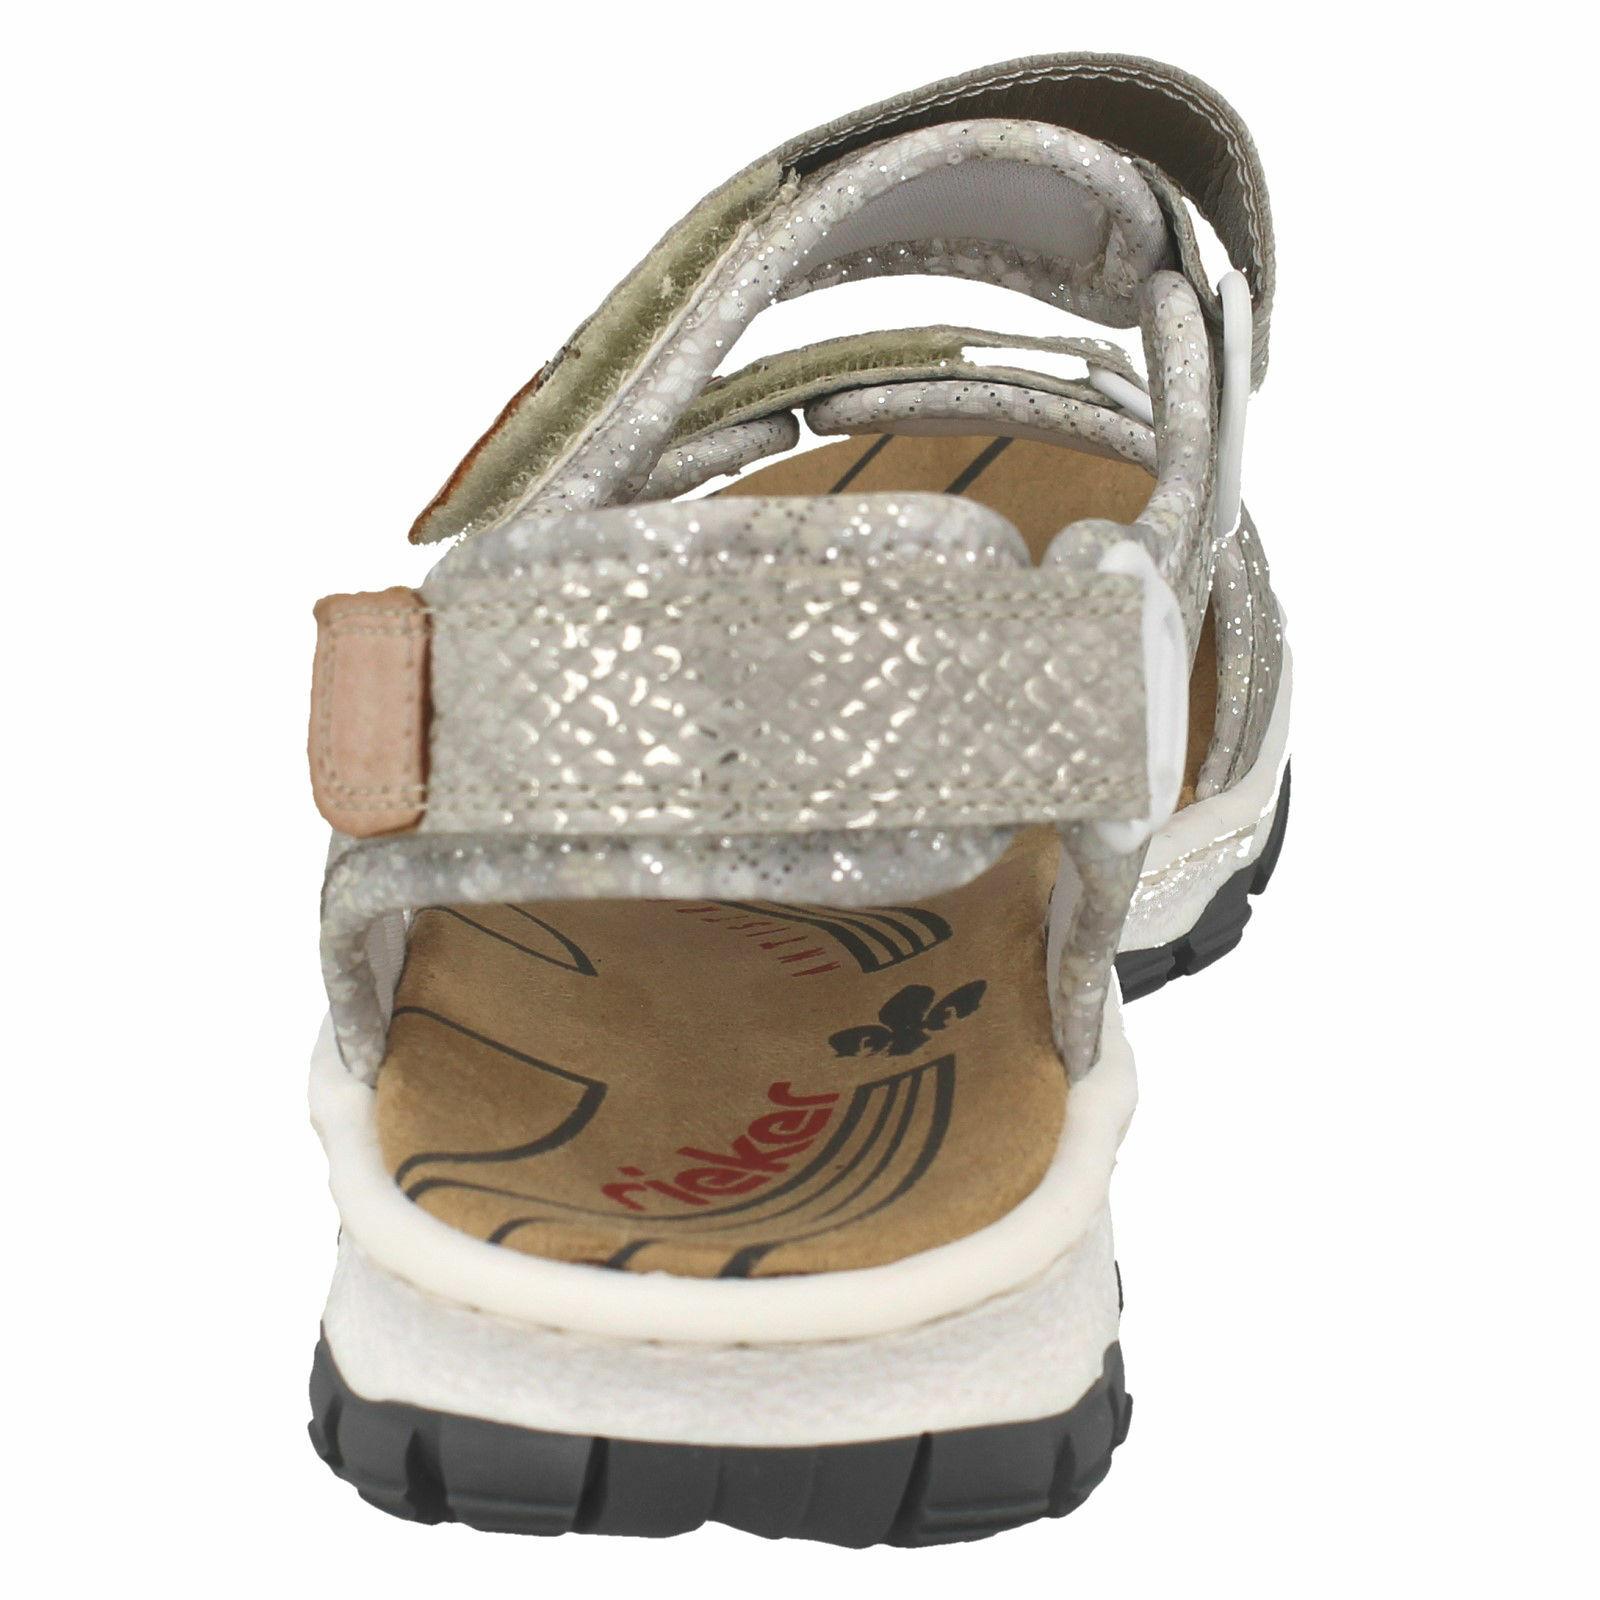 LADIES RIEKER RIEKER RIEKER 68852 GLITTER HOOP LOOP STRAP WALKING SANDALS SUMMER SIZE VEGAN 308769